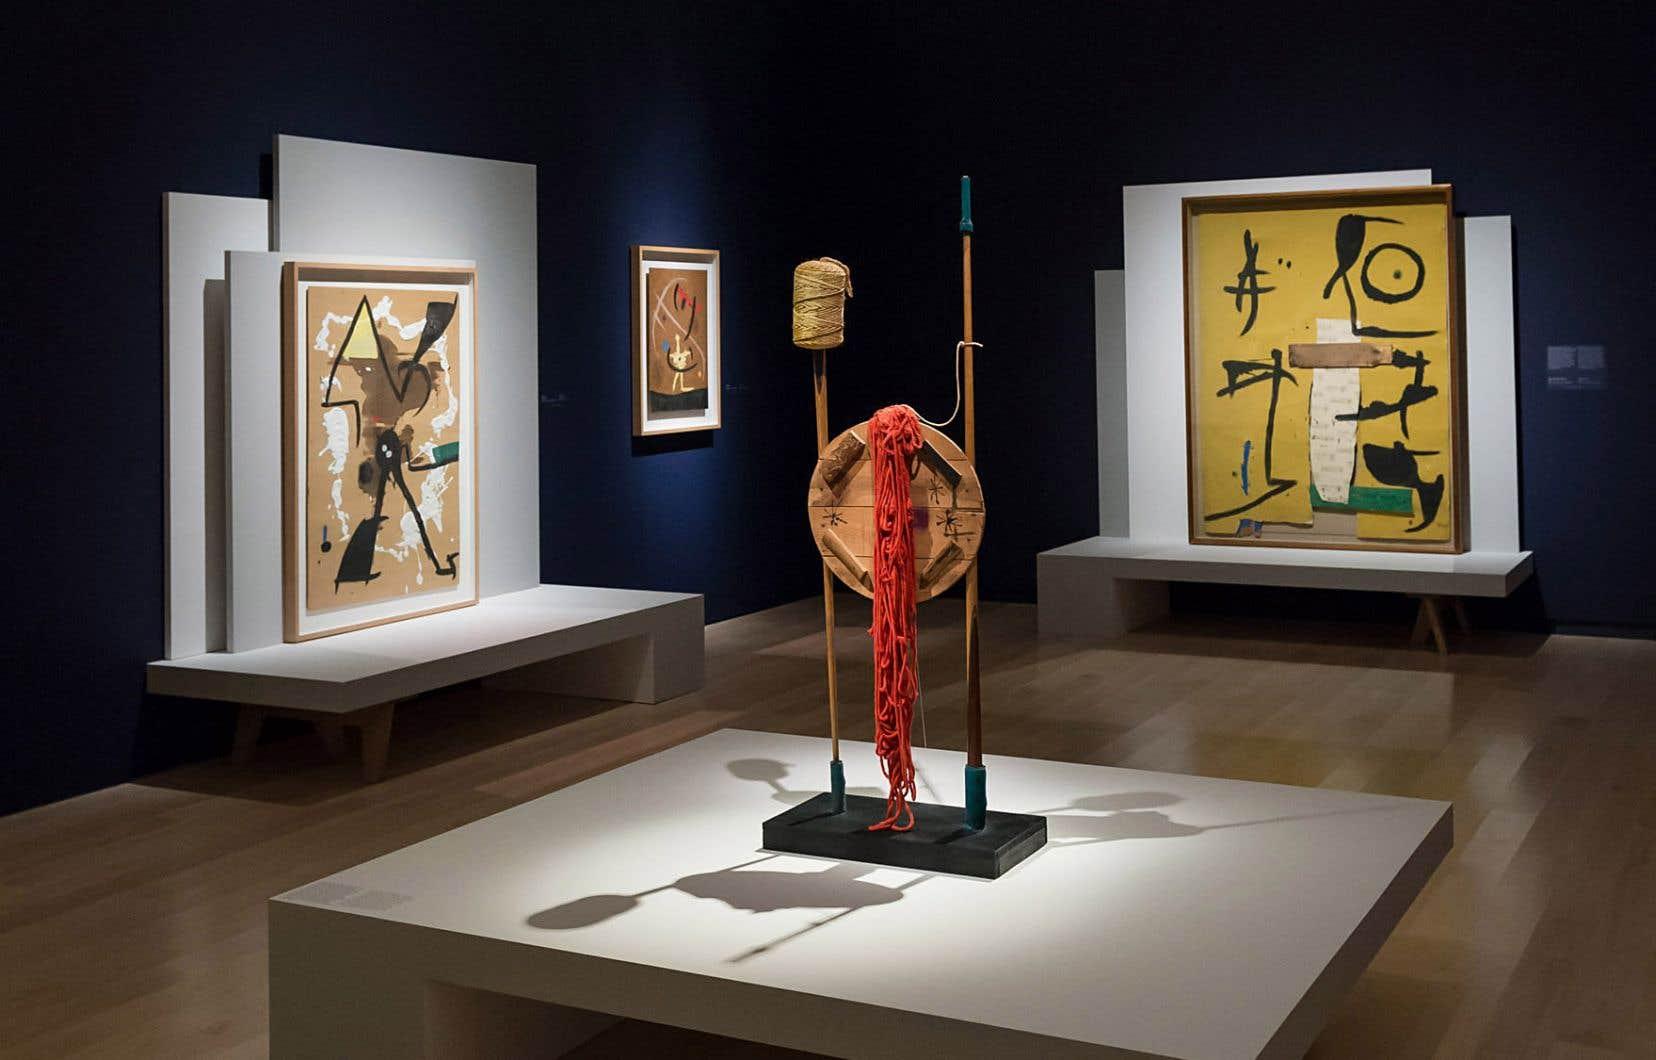 L'exposition «Miró à Majorque. Un esprit libre» montre combien le peintre et sculpteur Joan Miró a transgressé toutes les frontières, y compris les siennes, renouvelant sans cesse sa pratique.